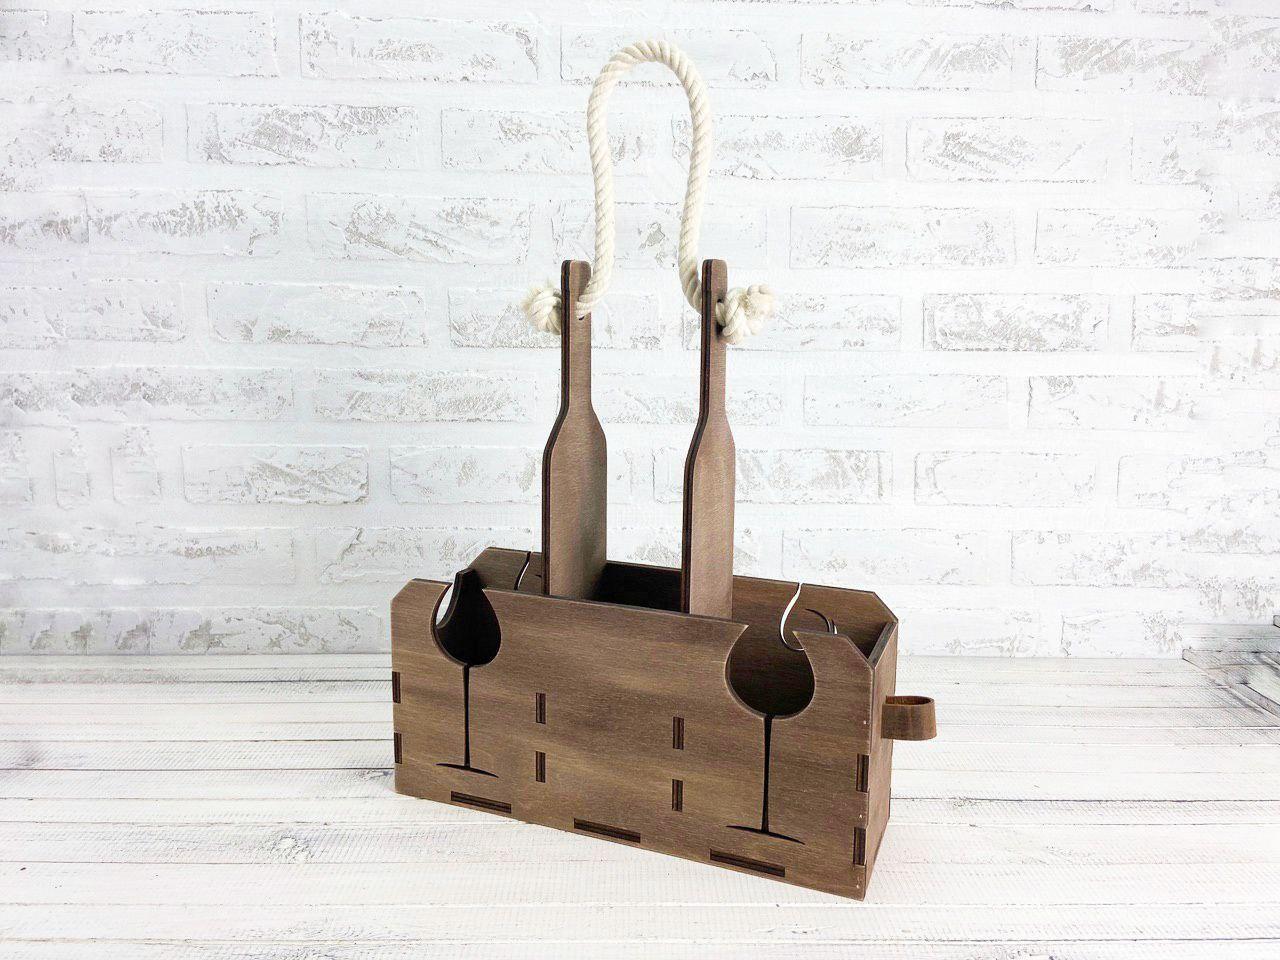 Деревянный ящик для вина. Размер: 29,5 см*9 см*38 см.